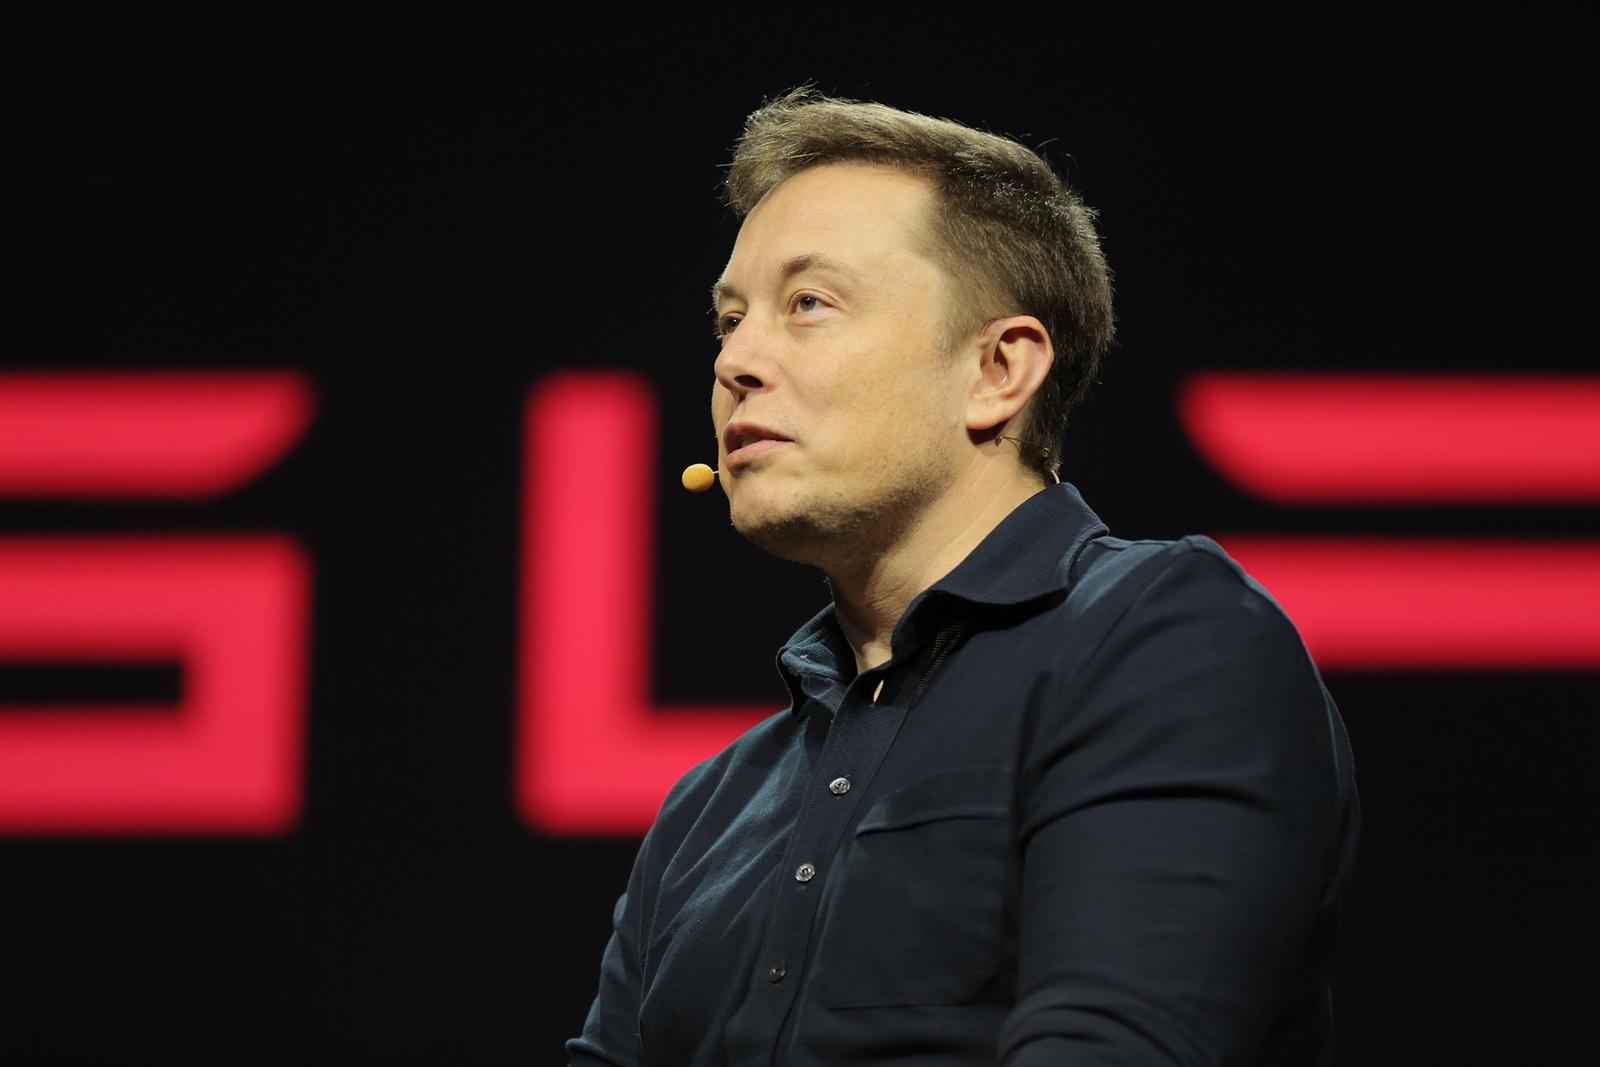 L'entrepreneur Elon Musk a proposé son aide aux autorités thaïlandaises et envoyé une équipe vers la grotte de Tham Luang afin d'aider aux opérations de secours